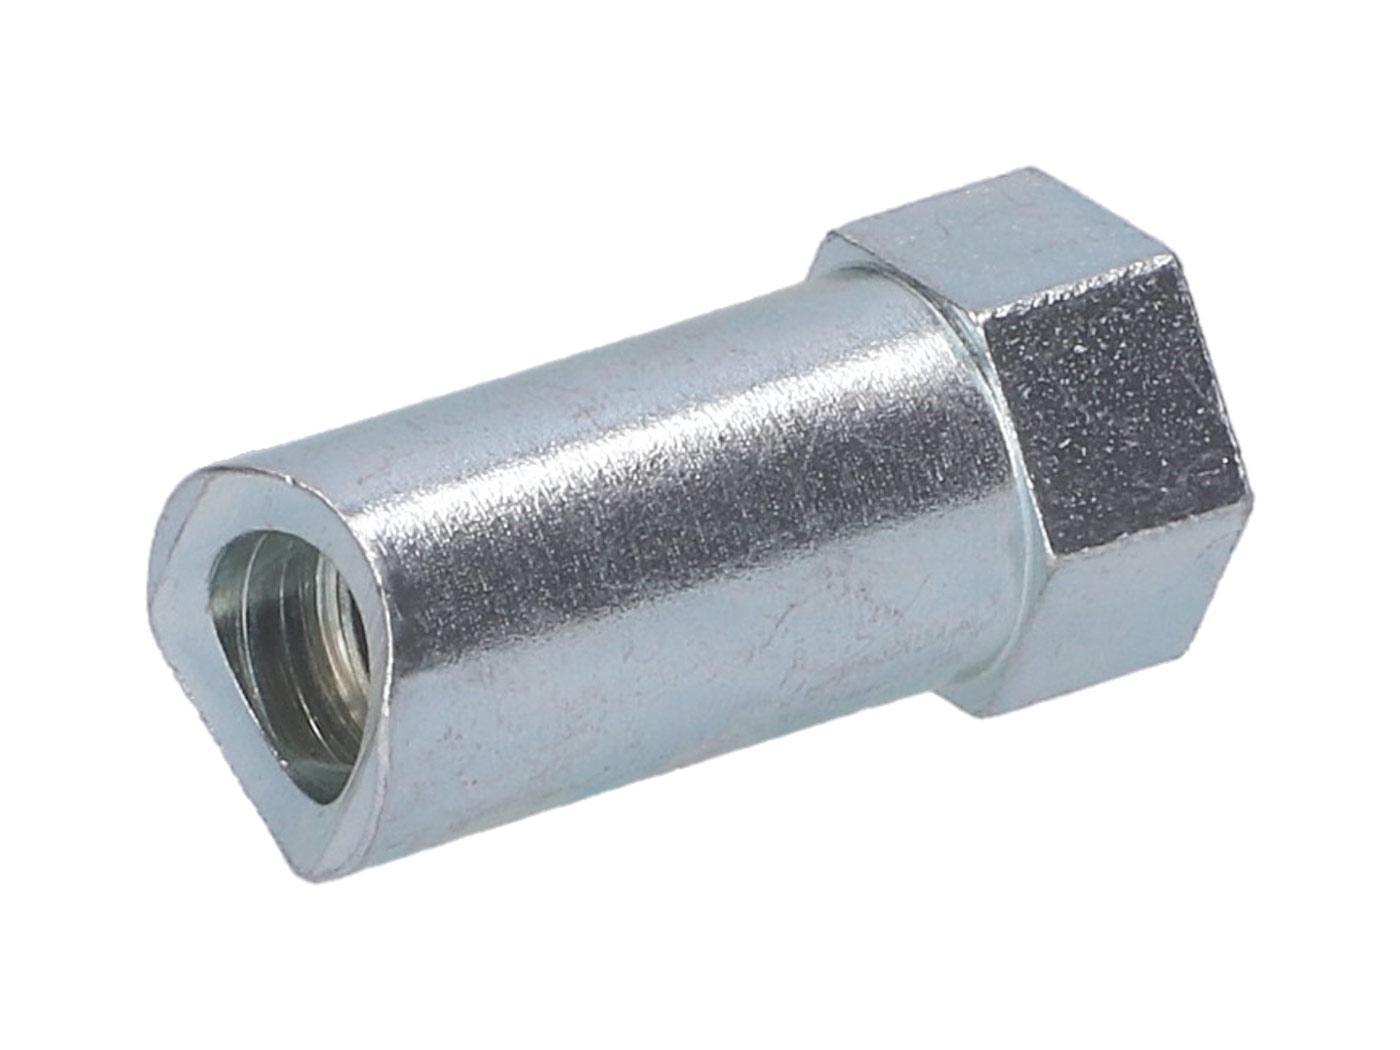 Benzinhahn manuell Piaggio-Zip 2 50 DT AC 00-09 ZAPC250